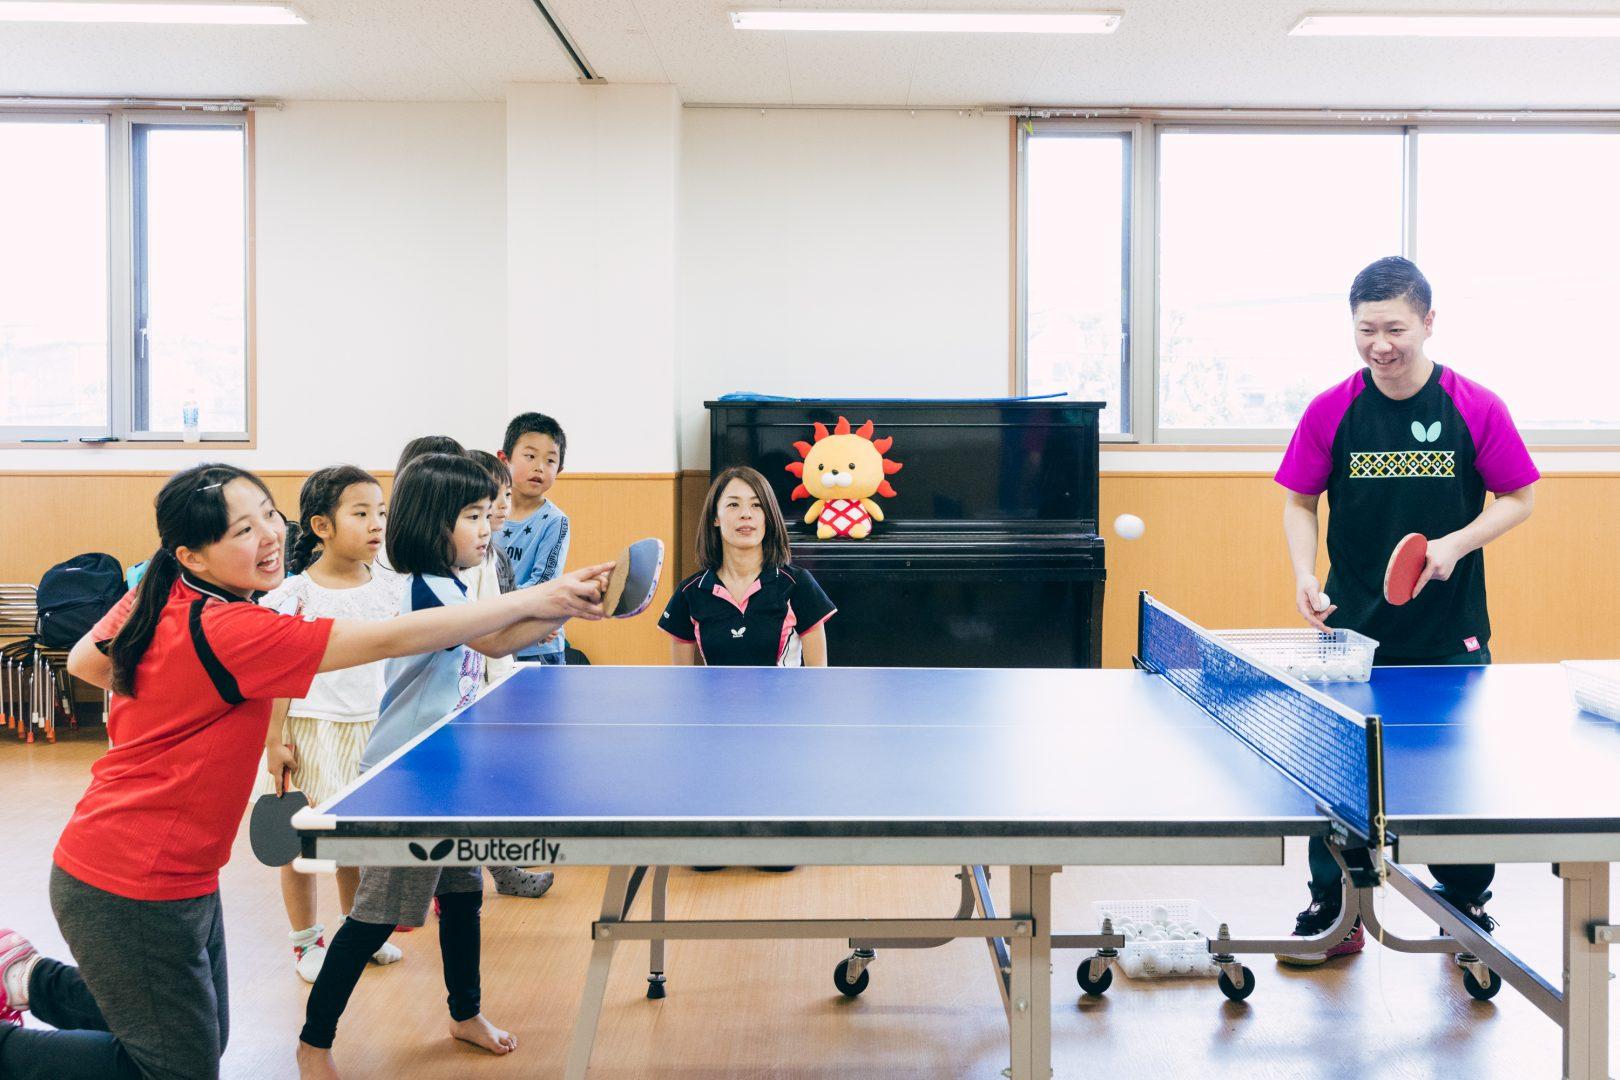 「ピンポノミクス」は本物か?大手も参入する卓球マーケットの勝算